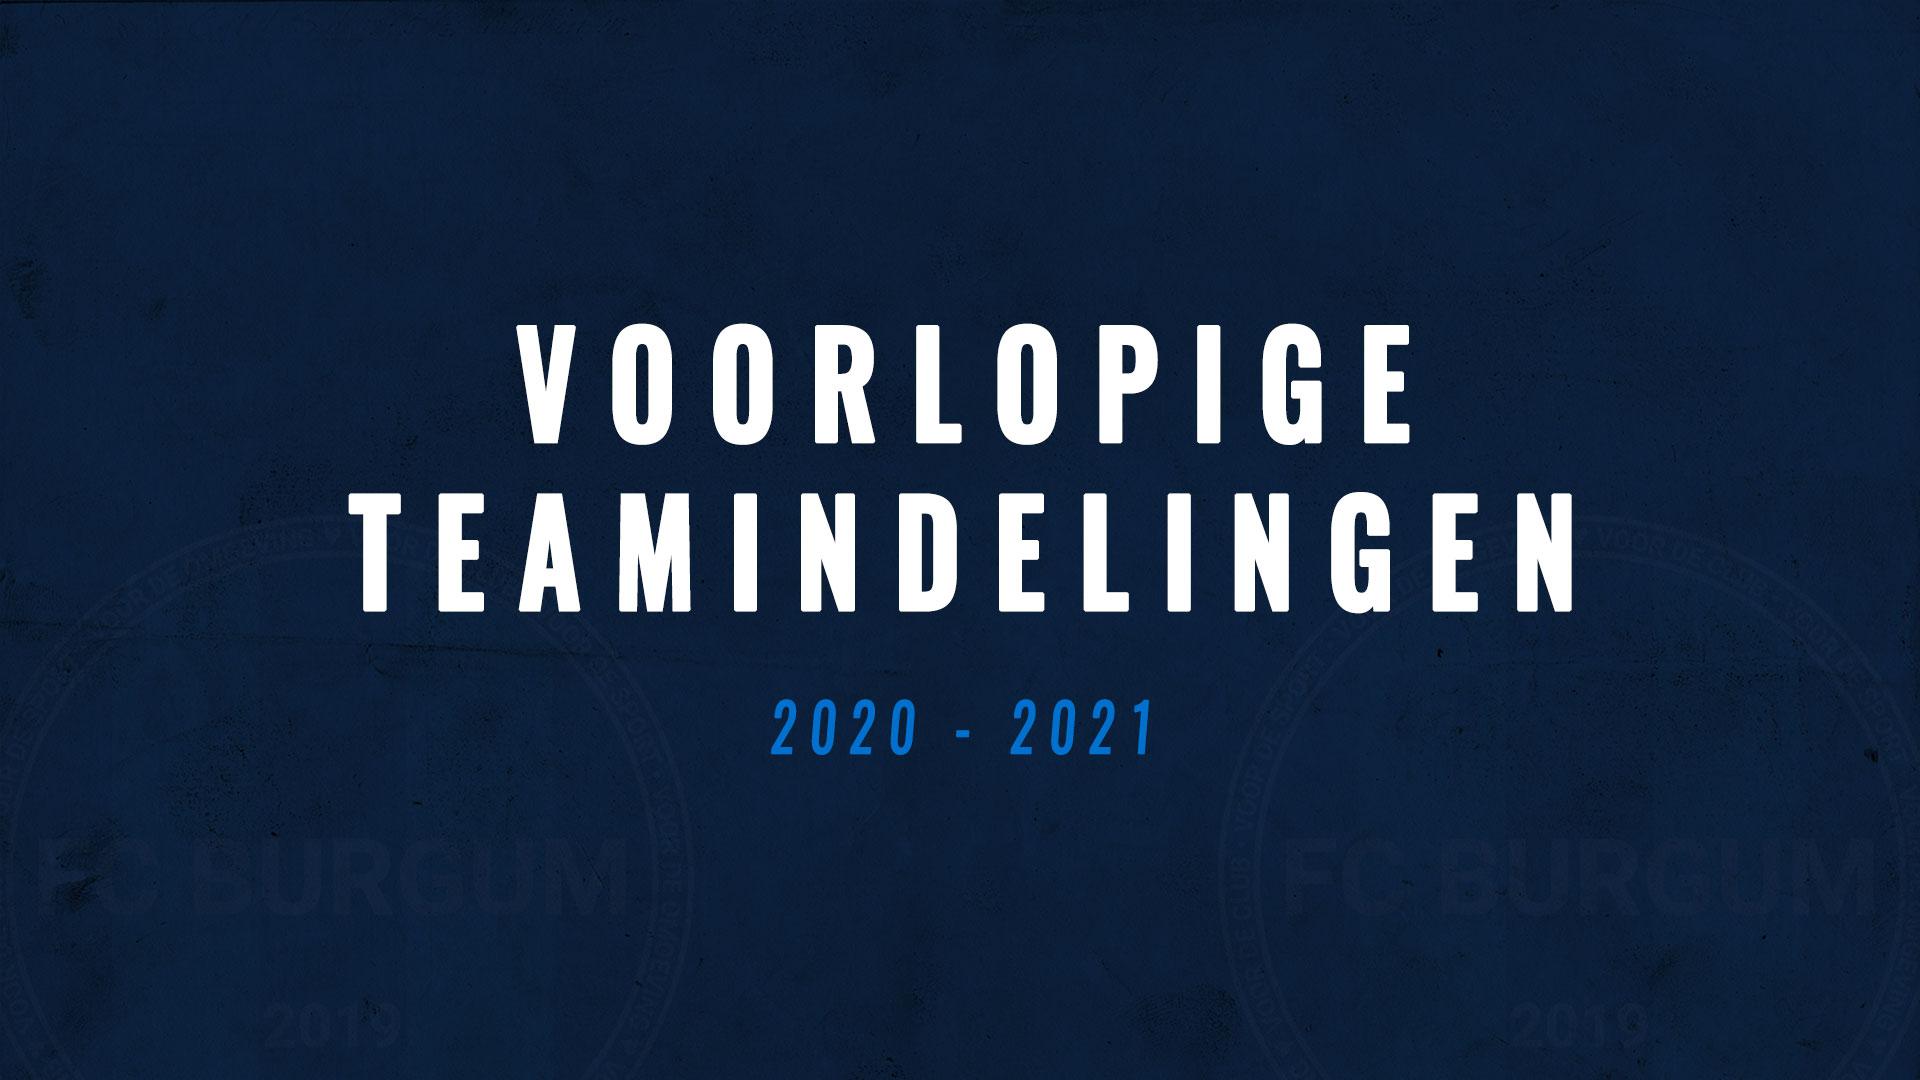 Voorlopige teamindelingen seizoen 2020-2021